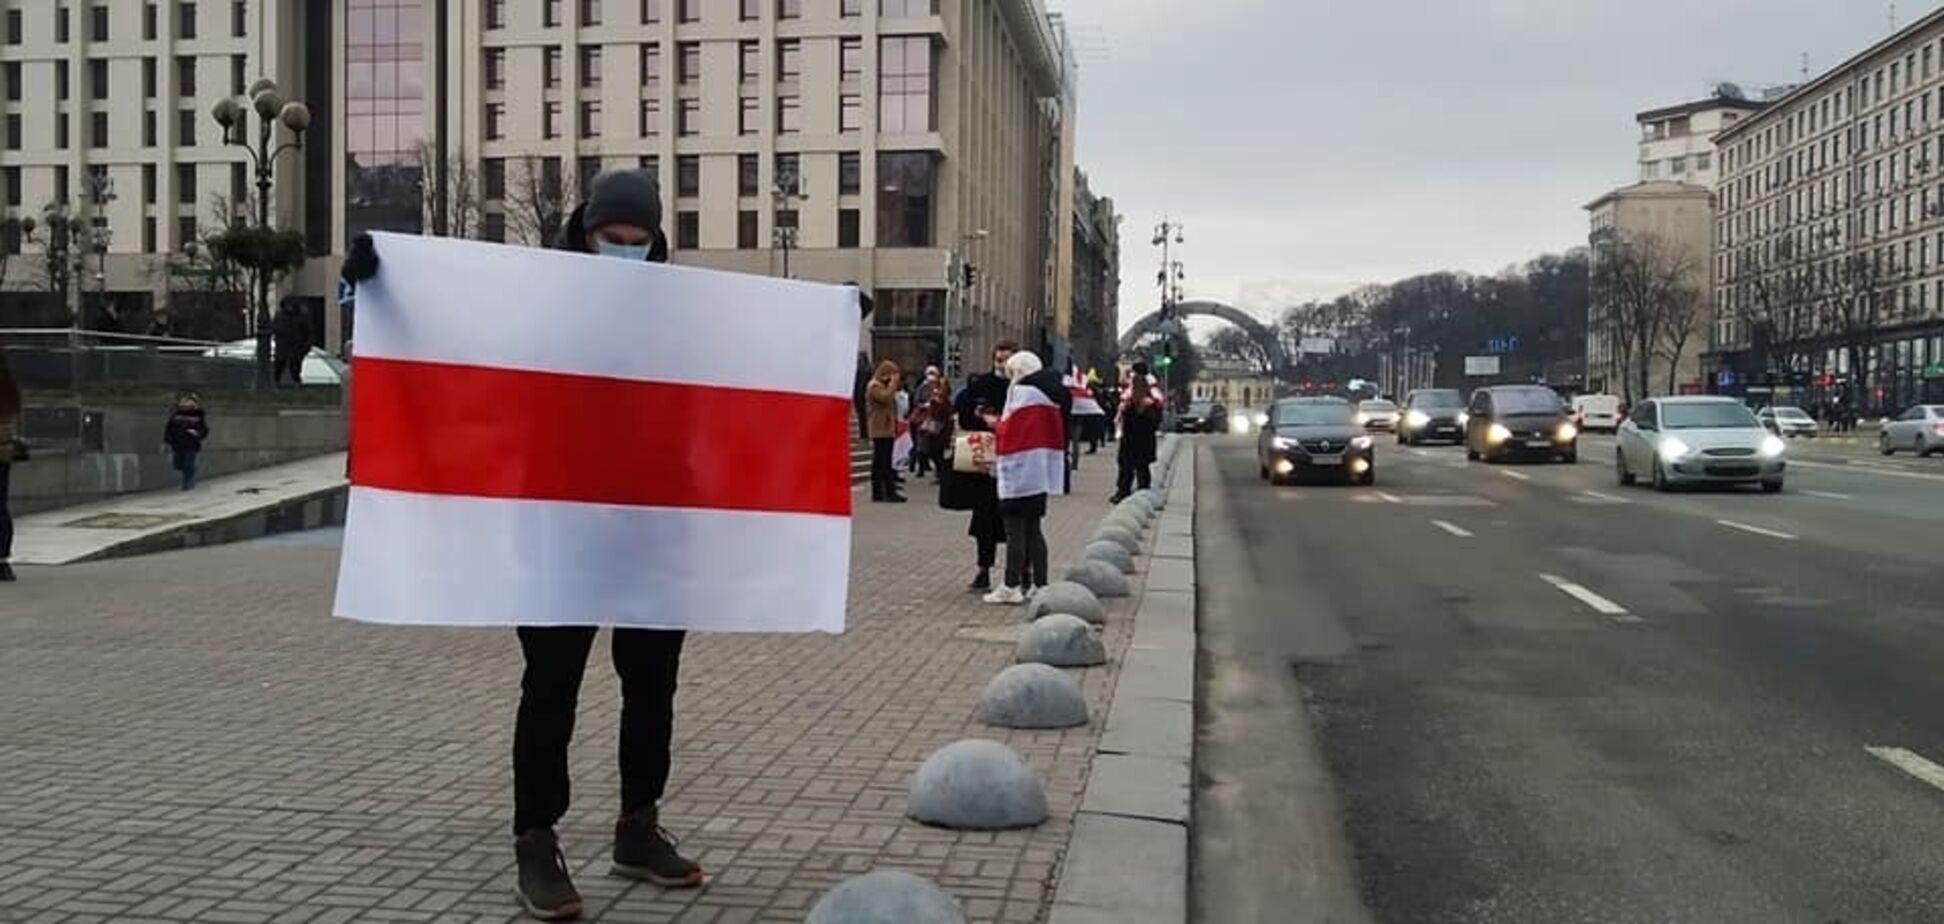 У Києві створили 'ланцюг солідарності' на підтримку протестів у Білорусі. Фото